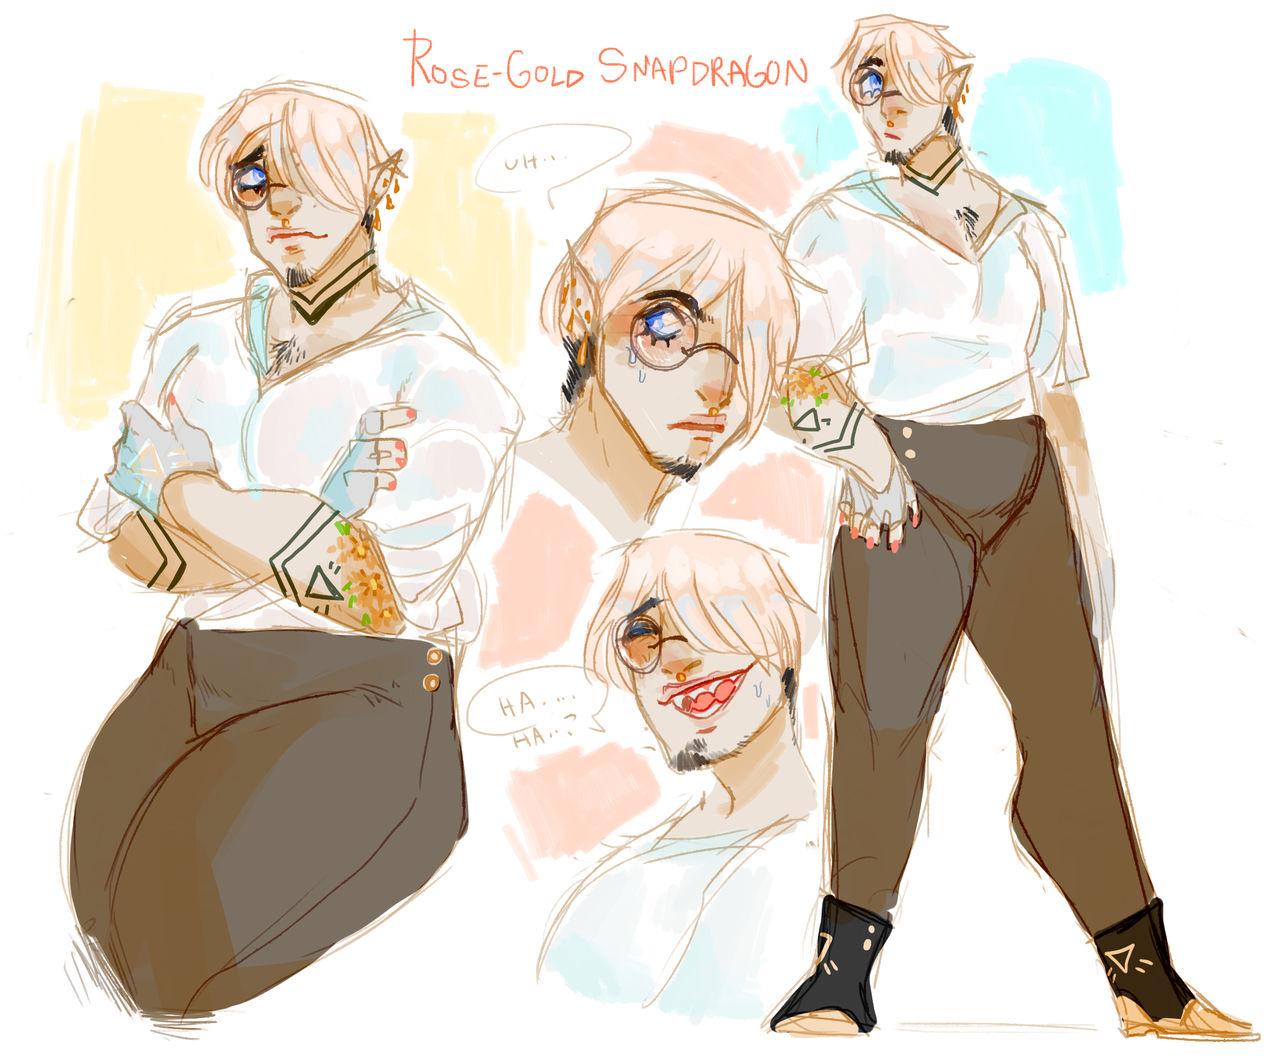 [ OC ] ROSE-GOLD SNAPDRAGON